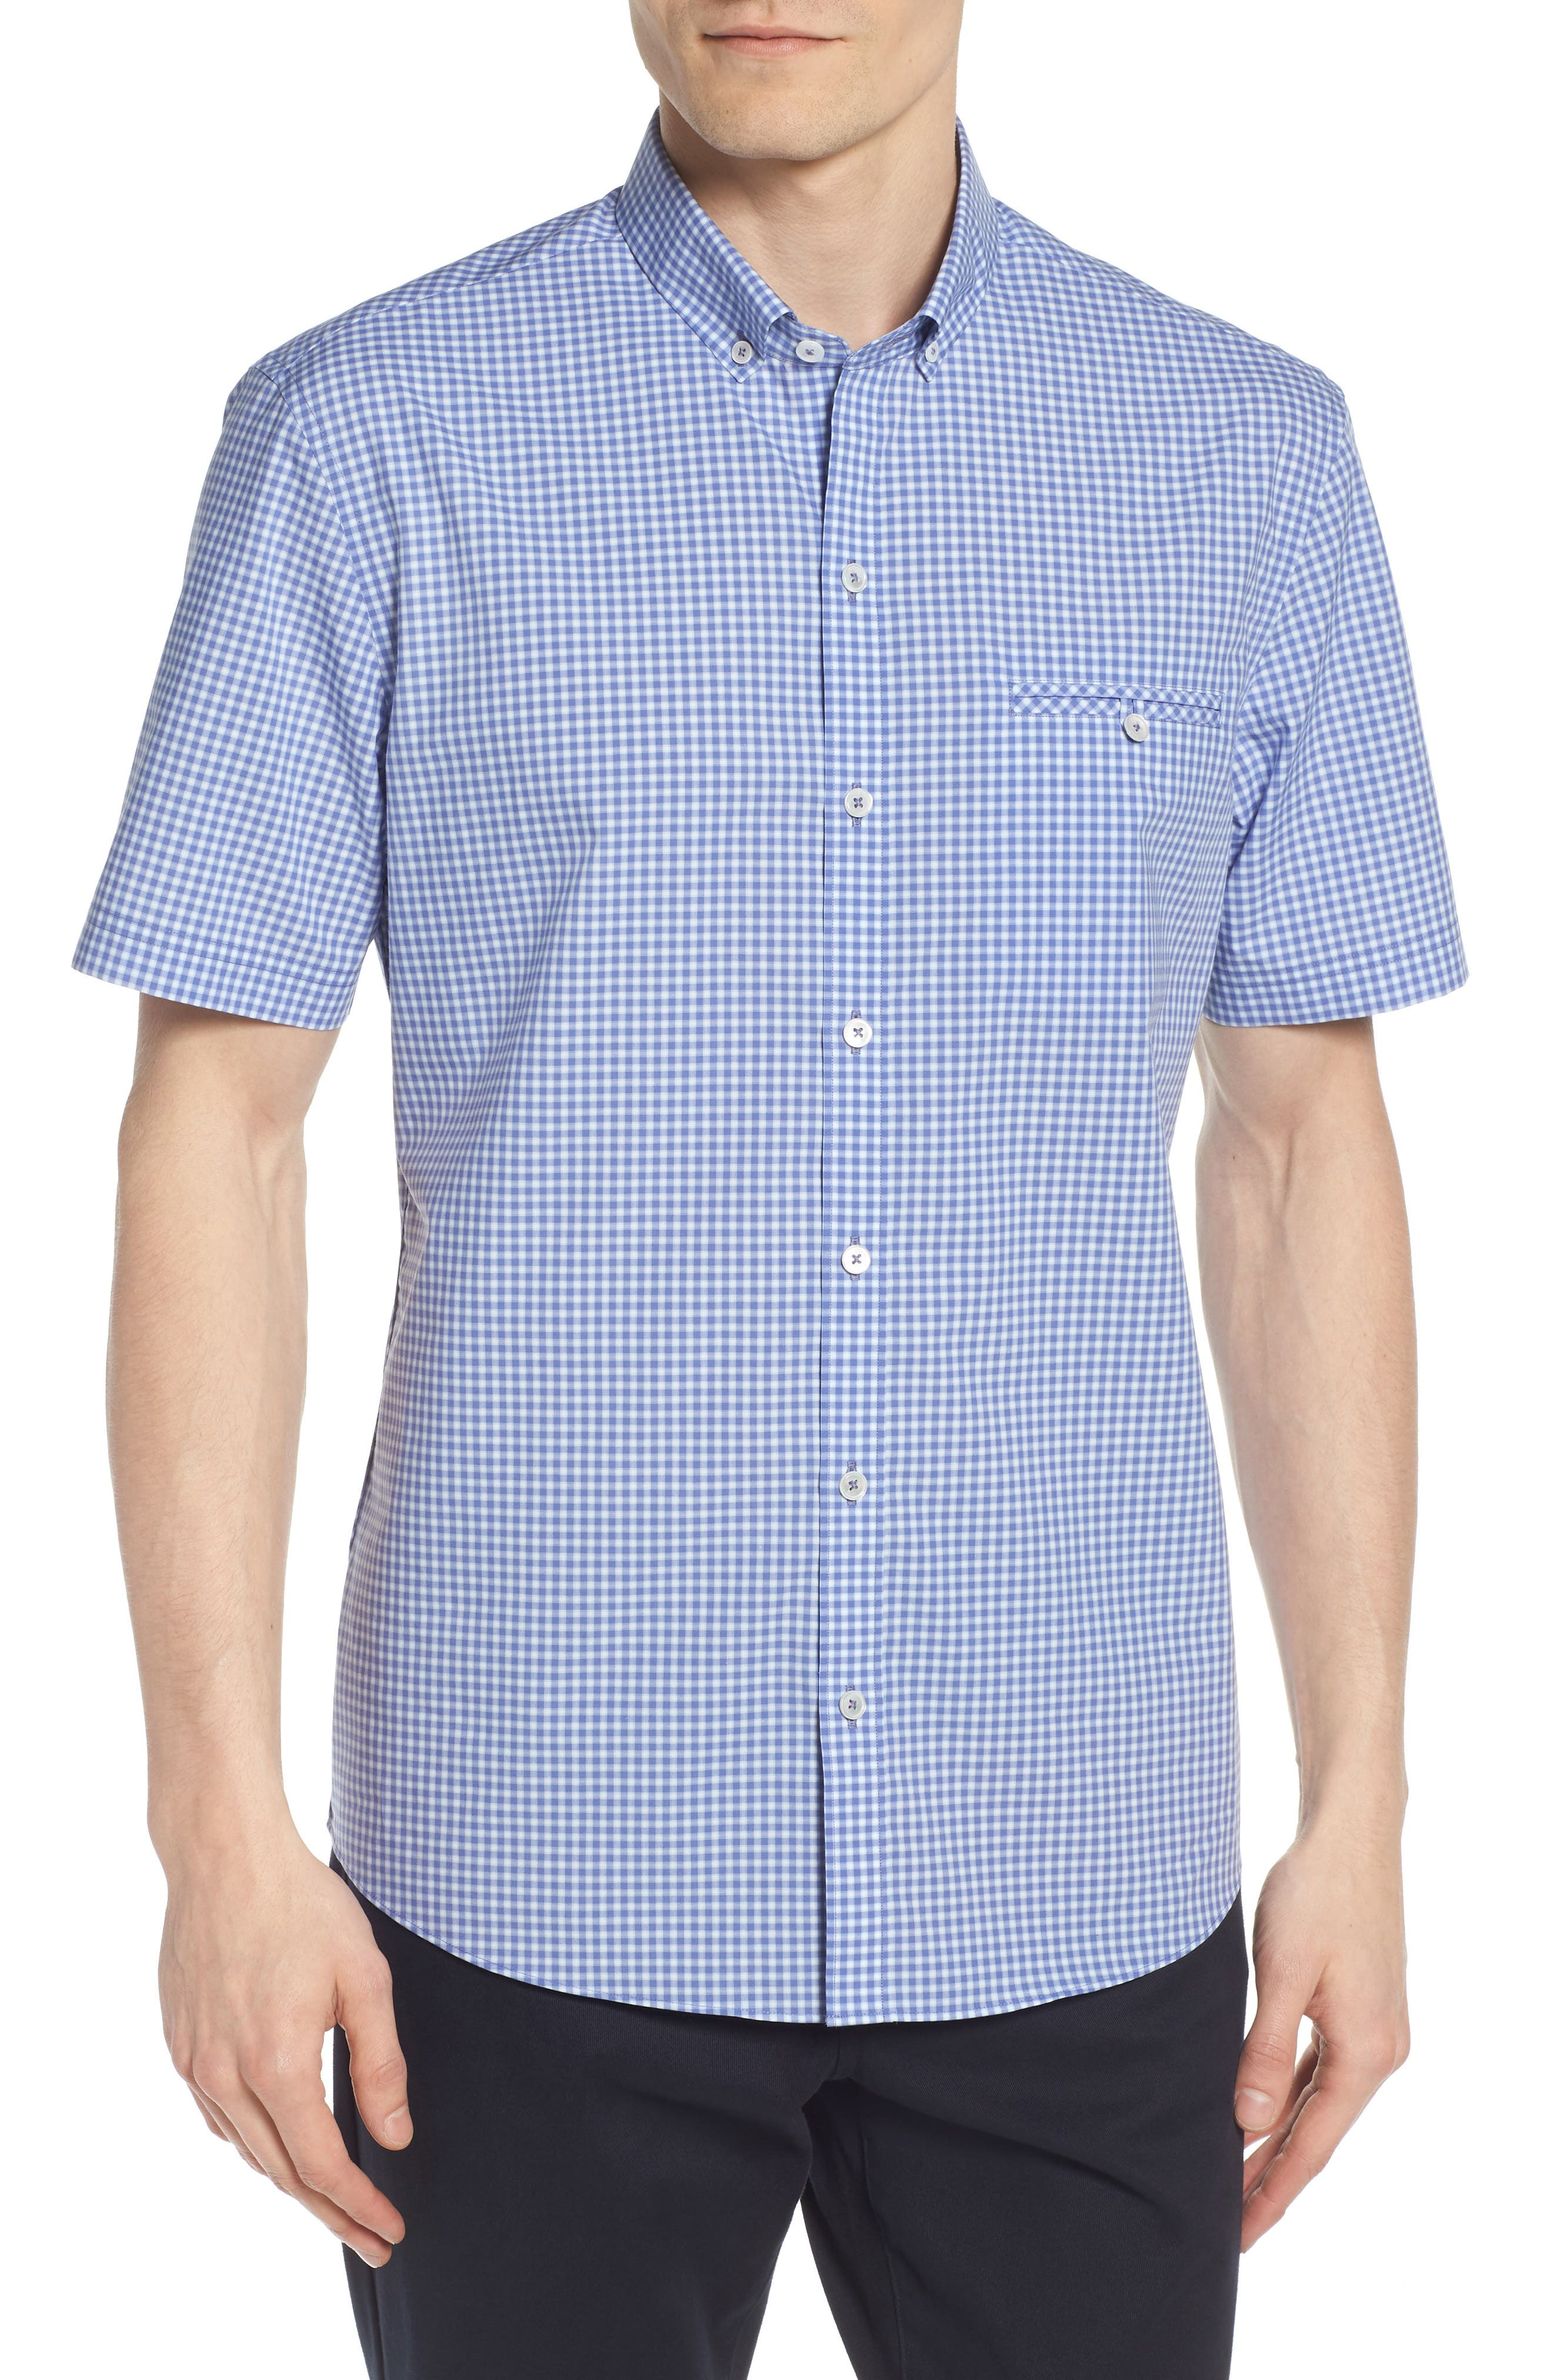 Giovinco Plaid Sport Shirt,                         Main,                         color, 422